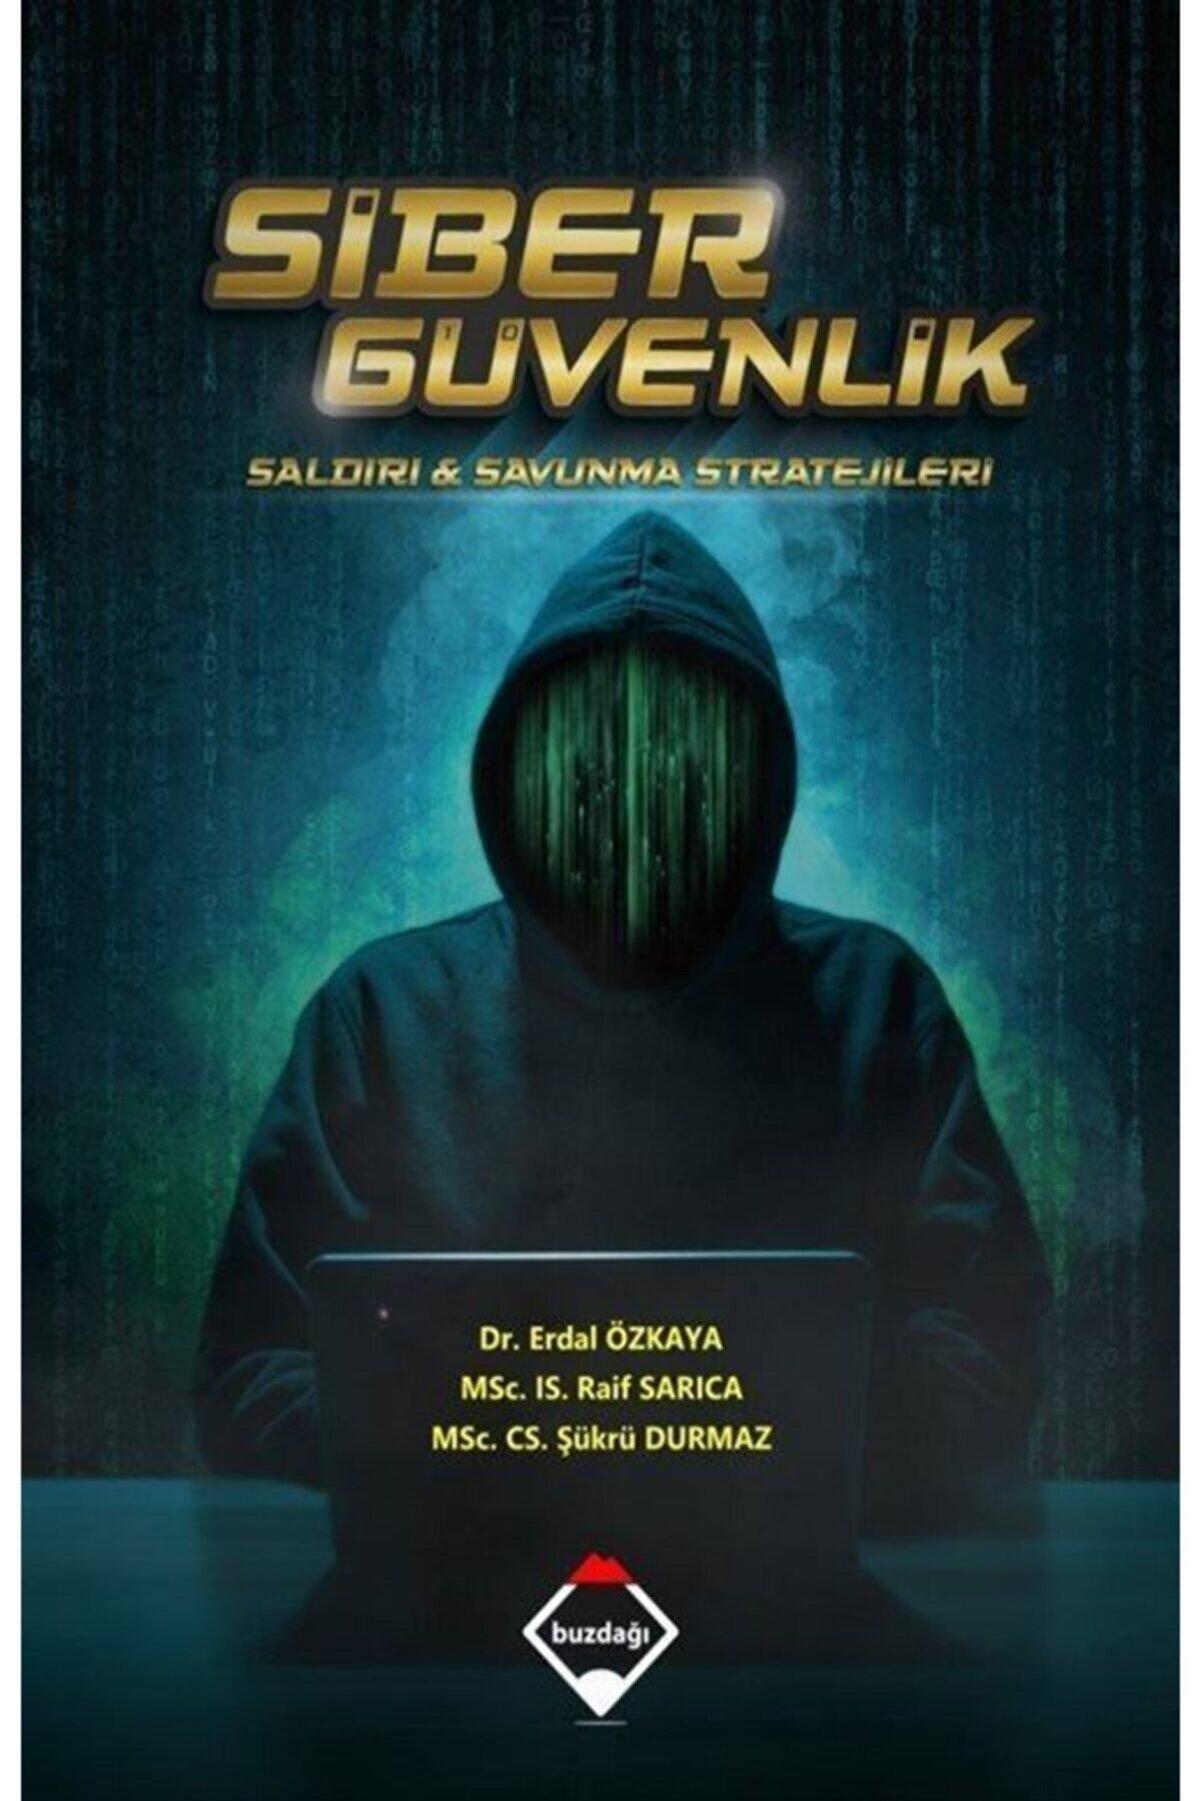 Buzdağı Yayınevi Siber Güvenlik:saldırı Ve Savunma Stratejileri